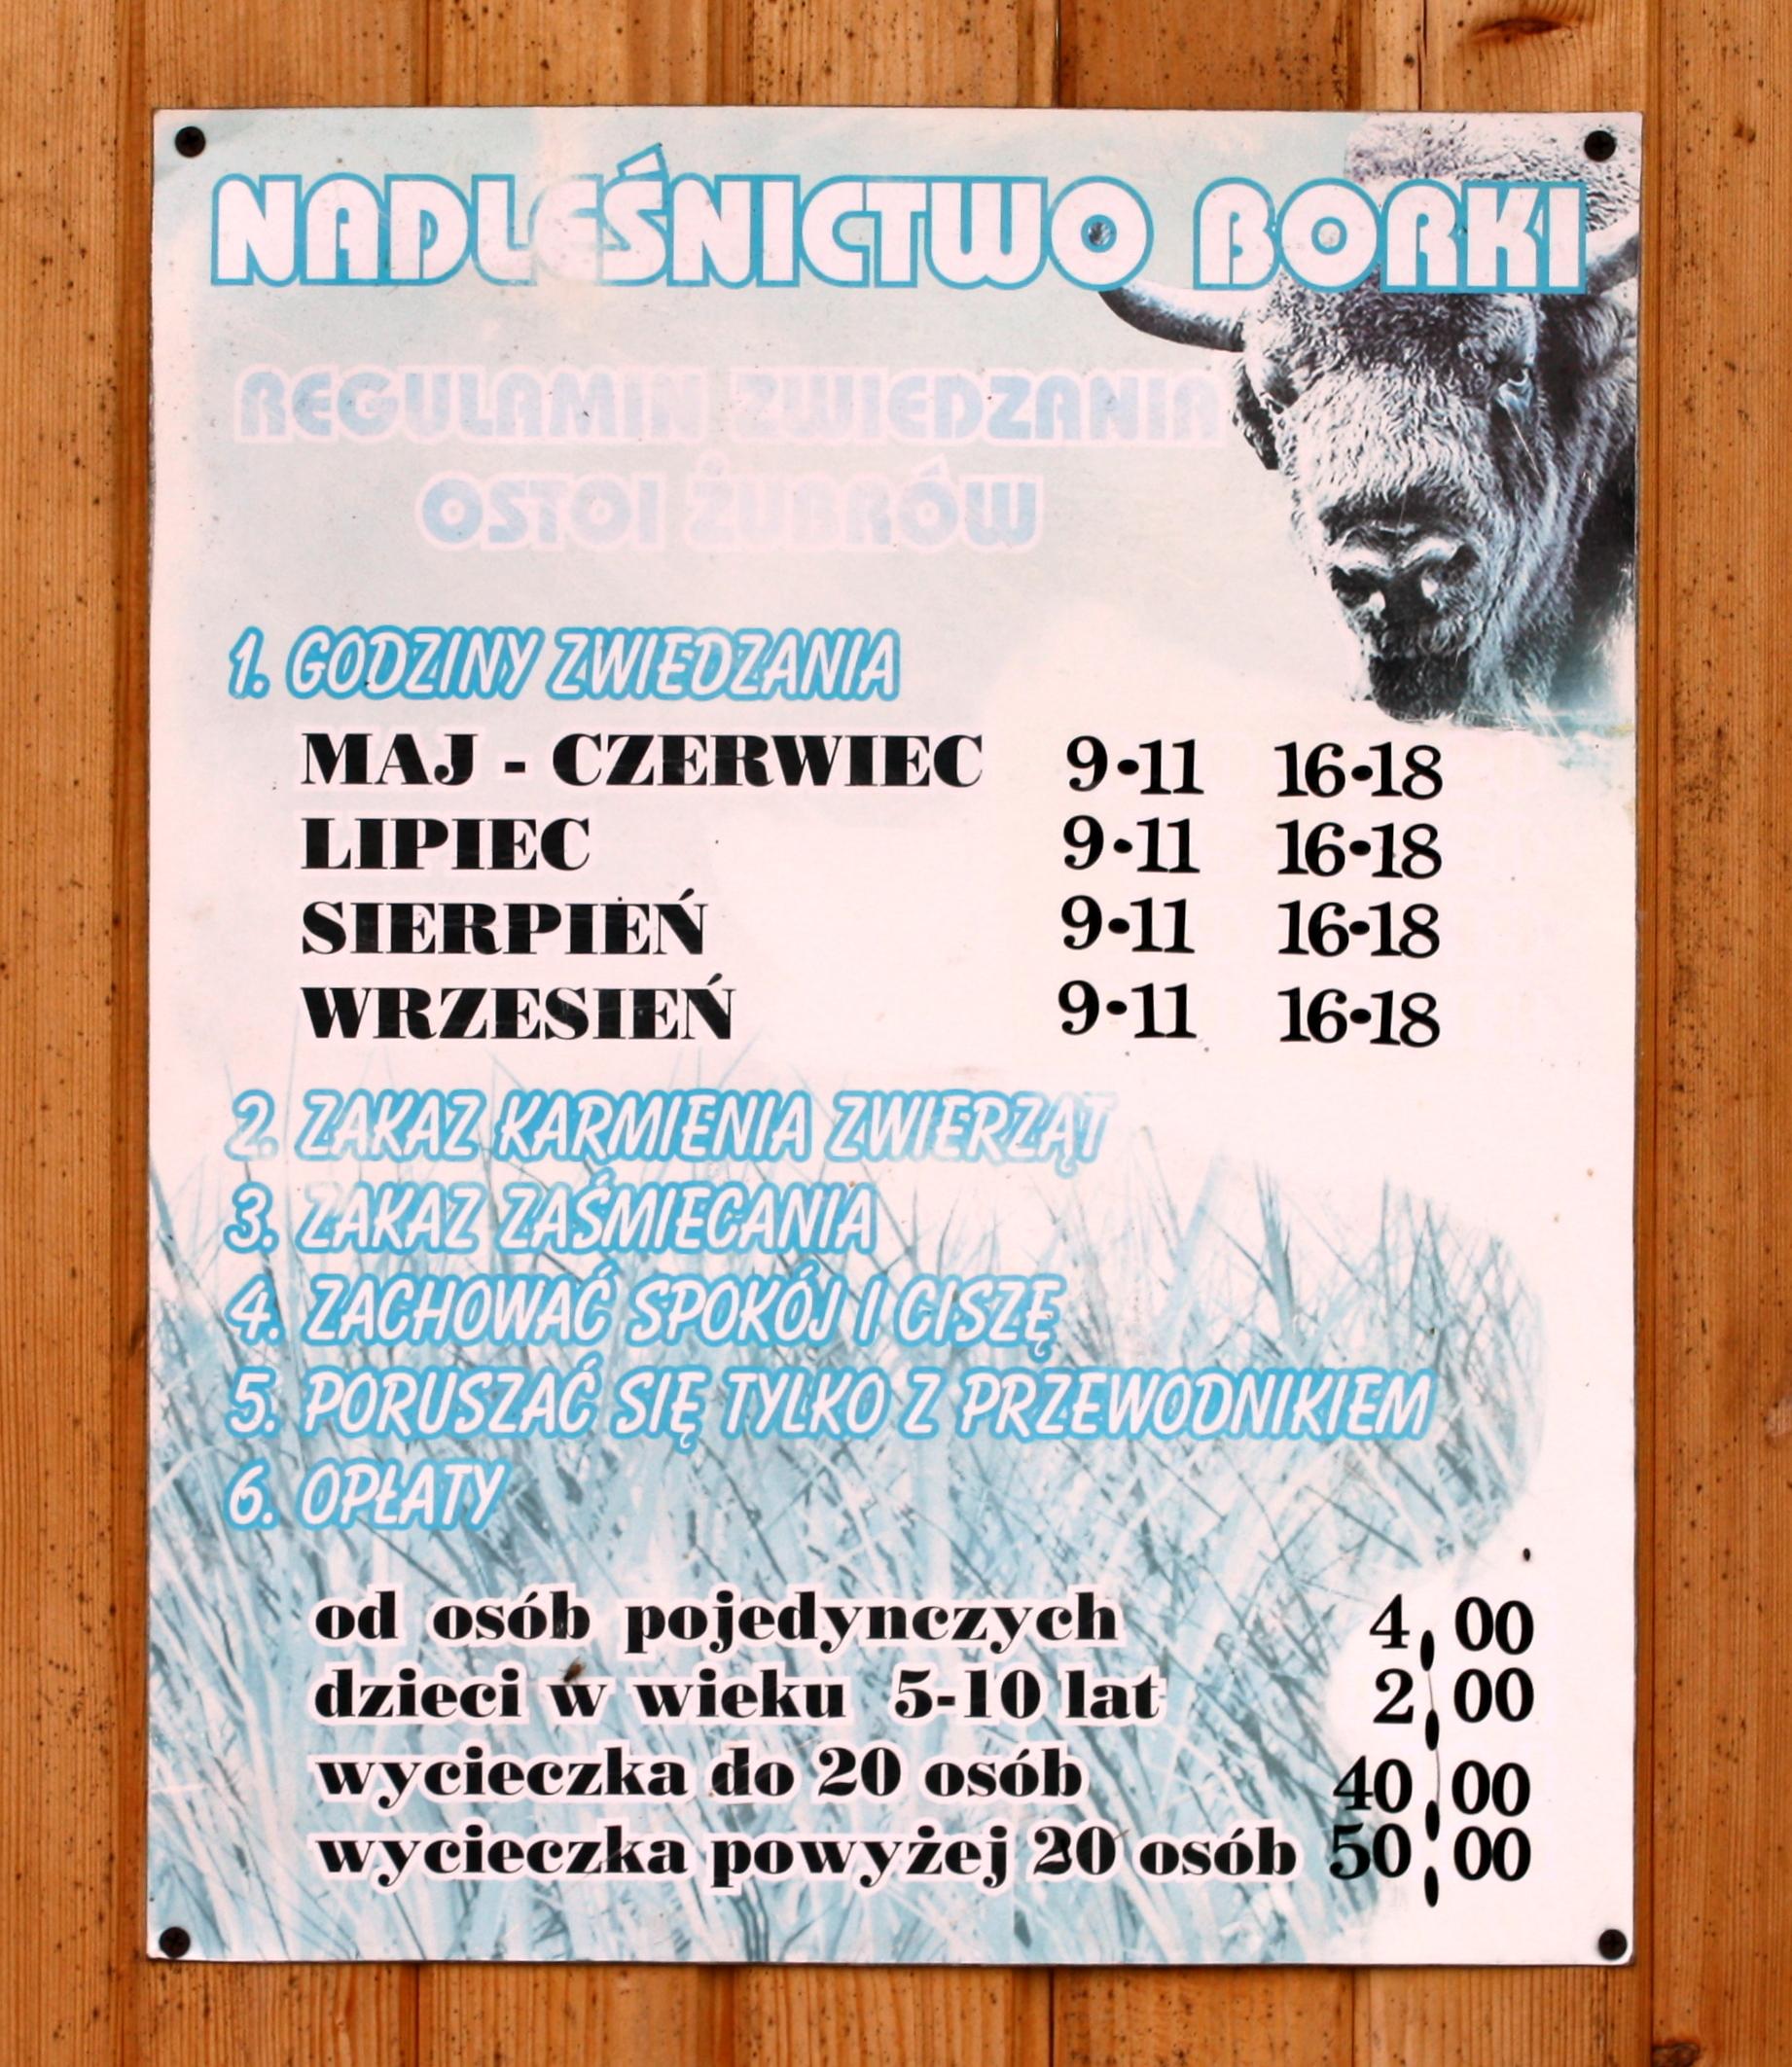 Ostoja żubrów w Wolisku - daty otwarcia oraz ceny biletów